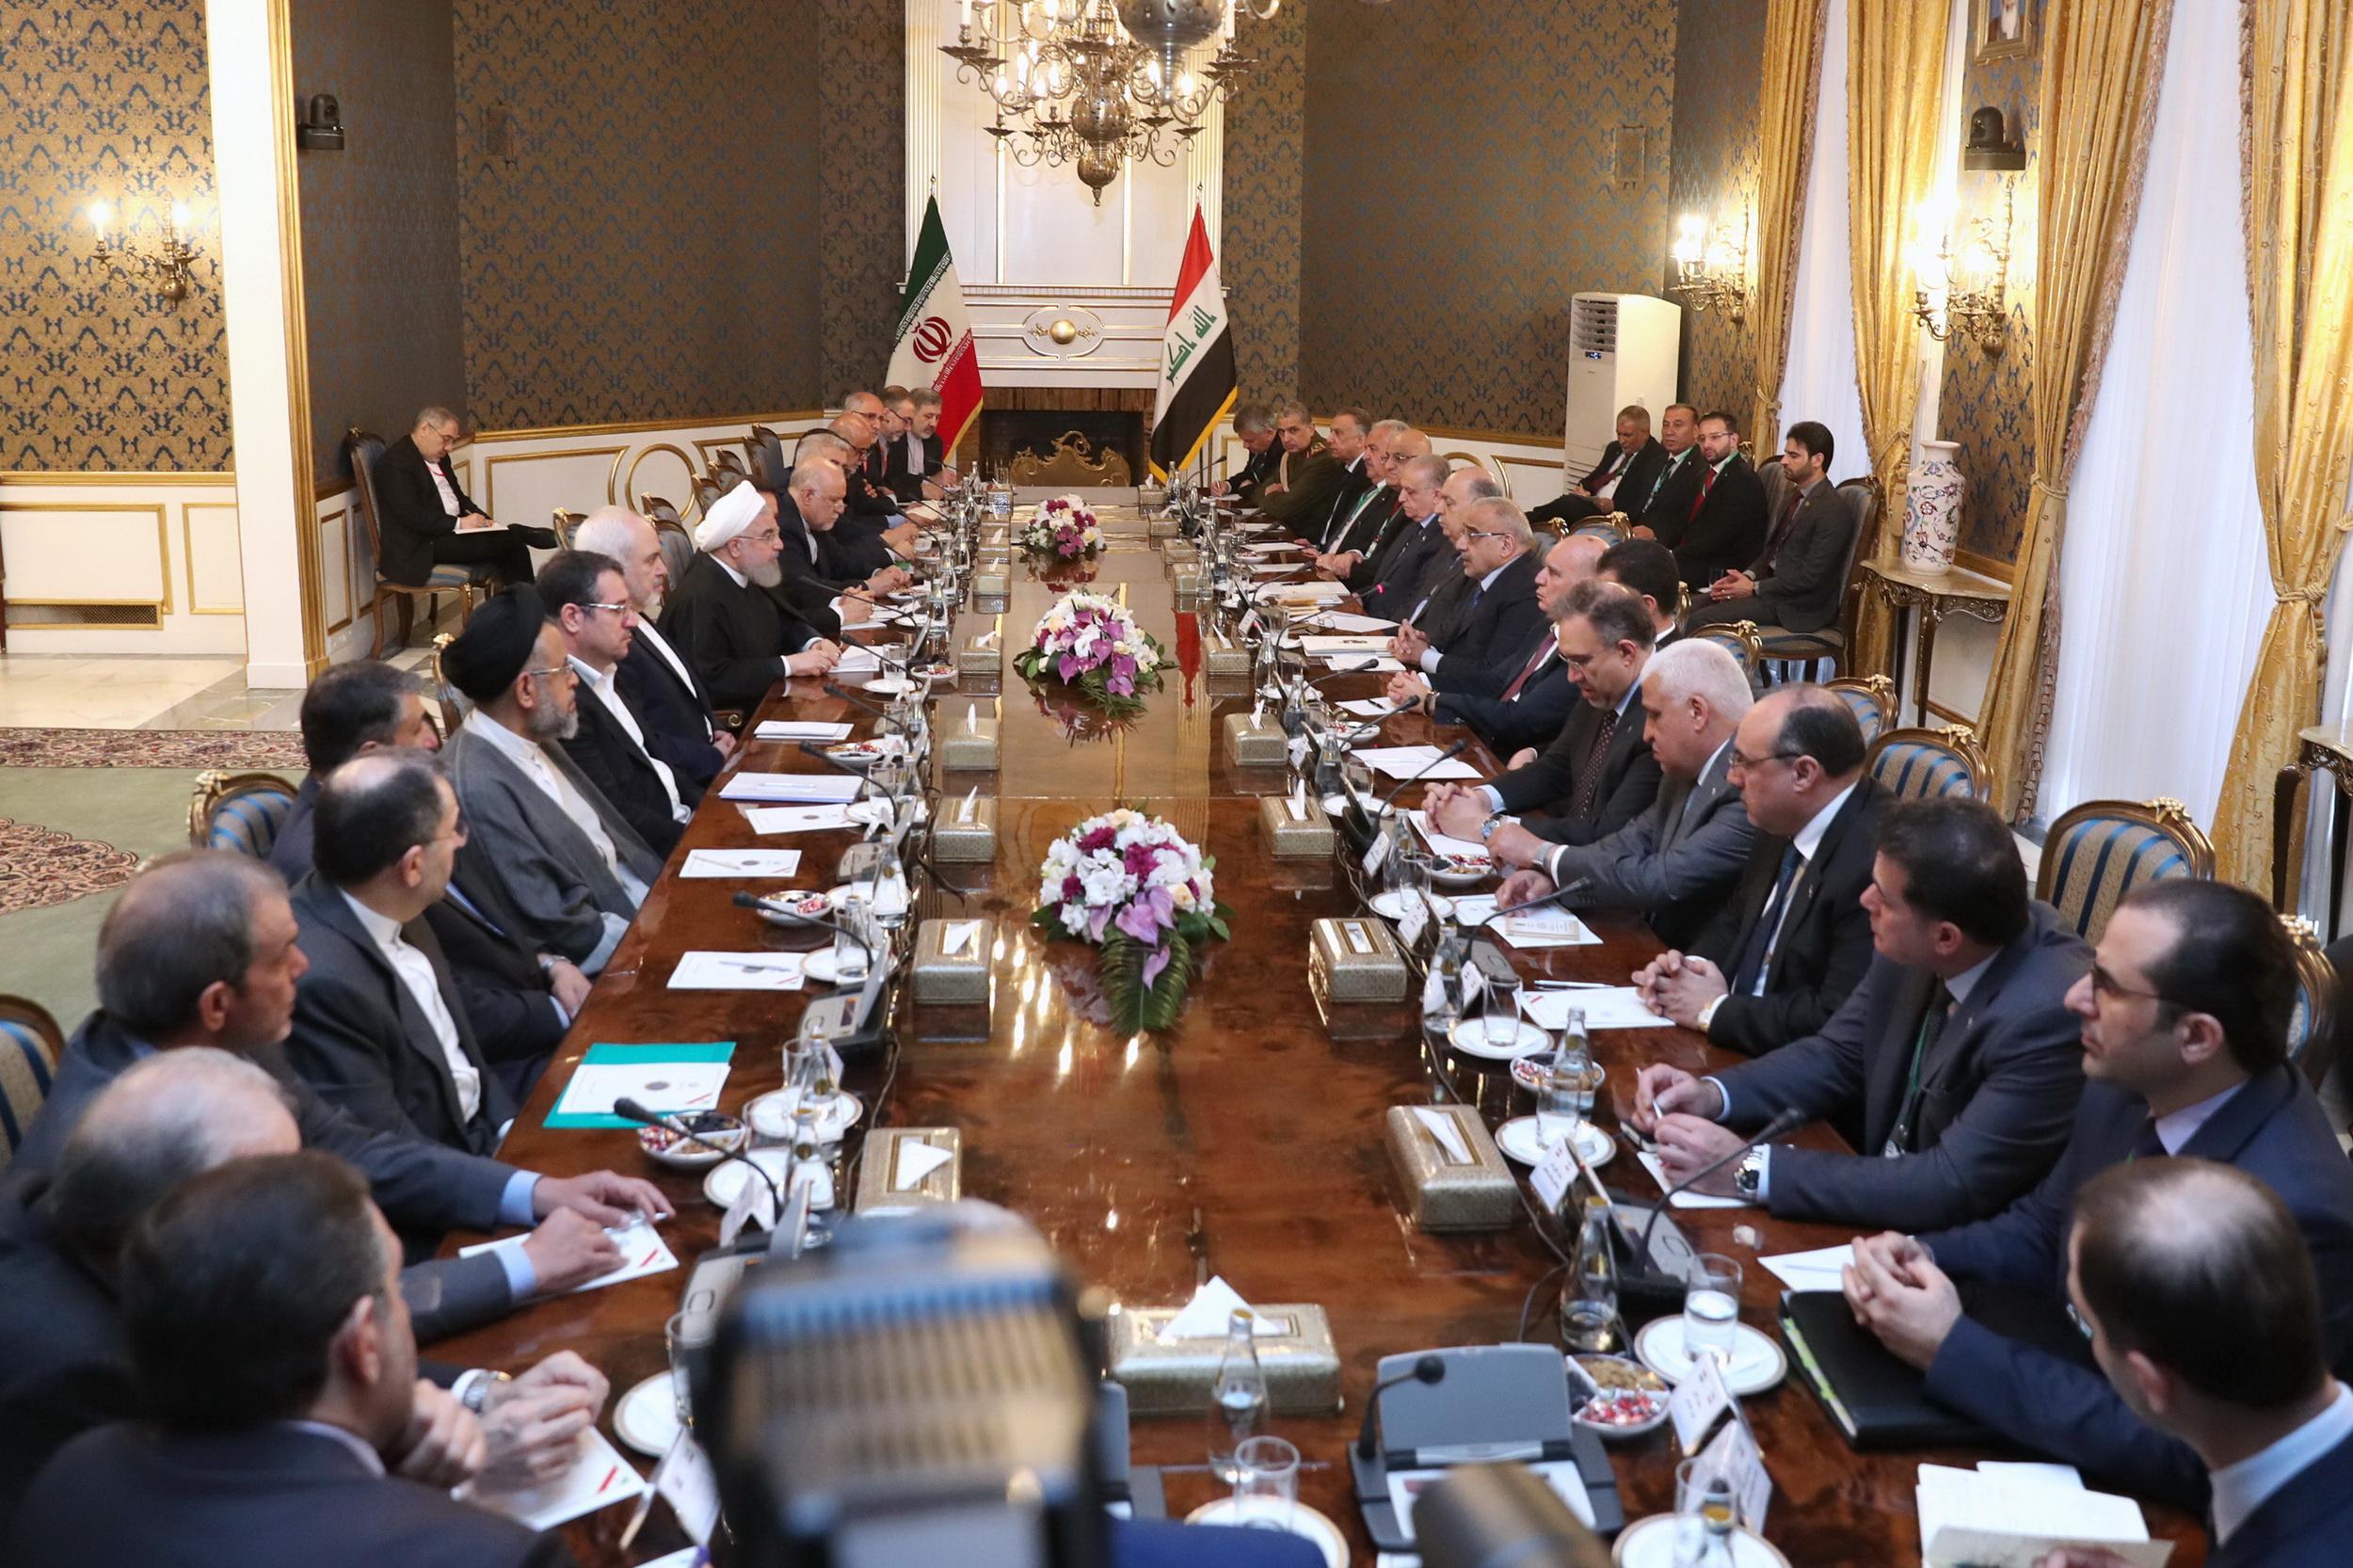 اراده ایران و عراق، برقراری و استمرار ثبات و امنیت در سرتاسر منطقه است